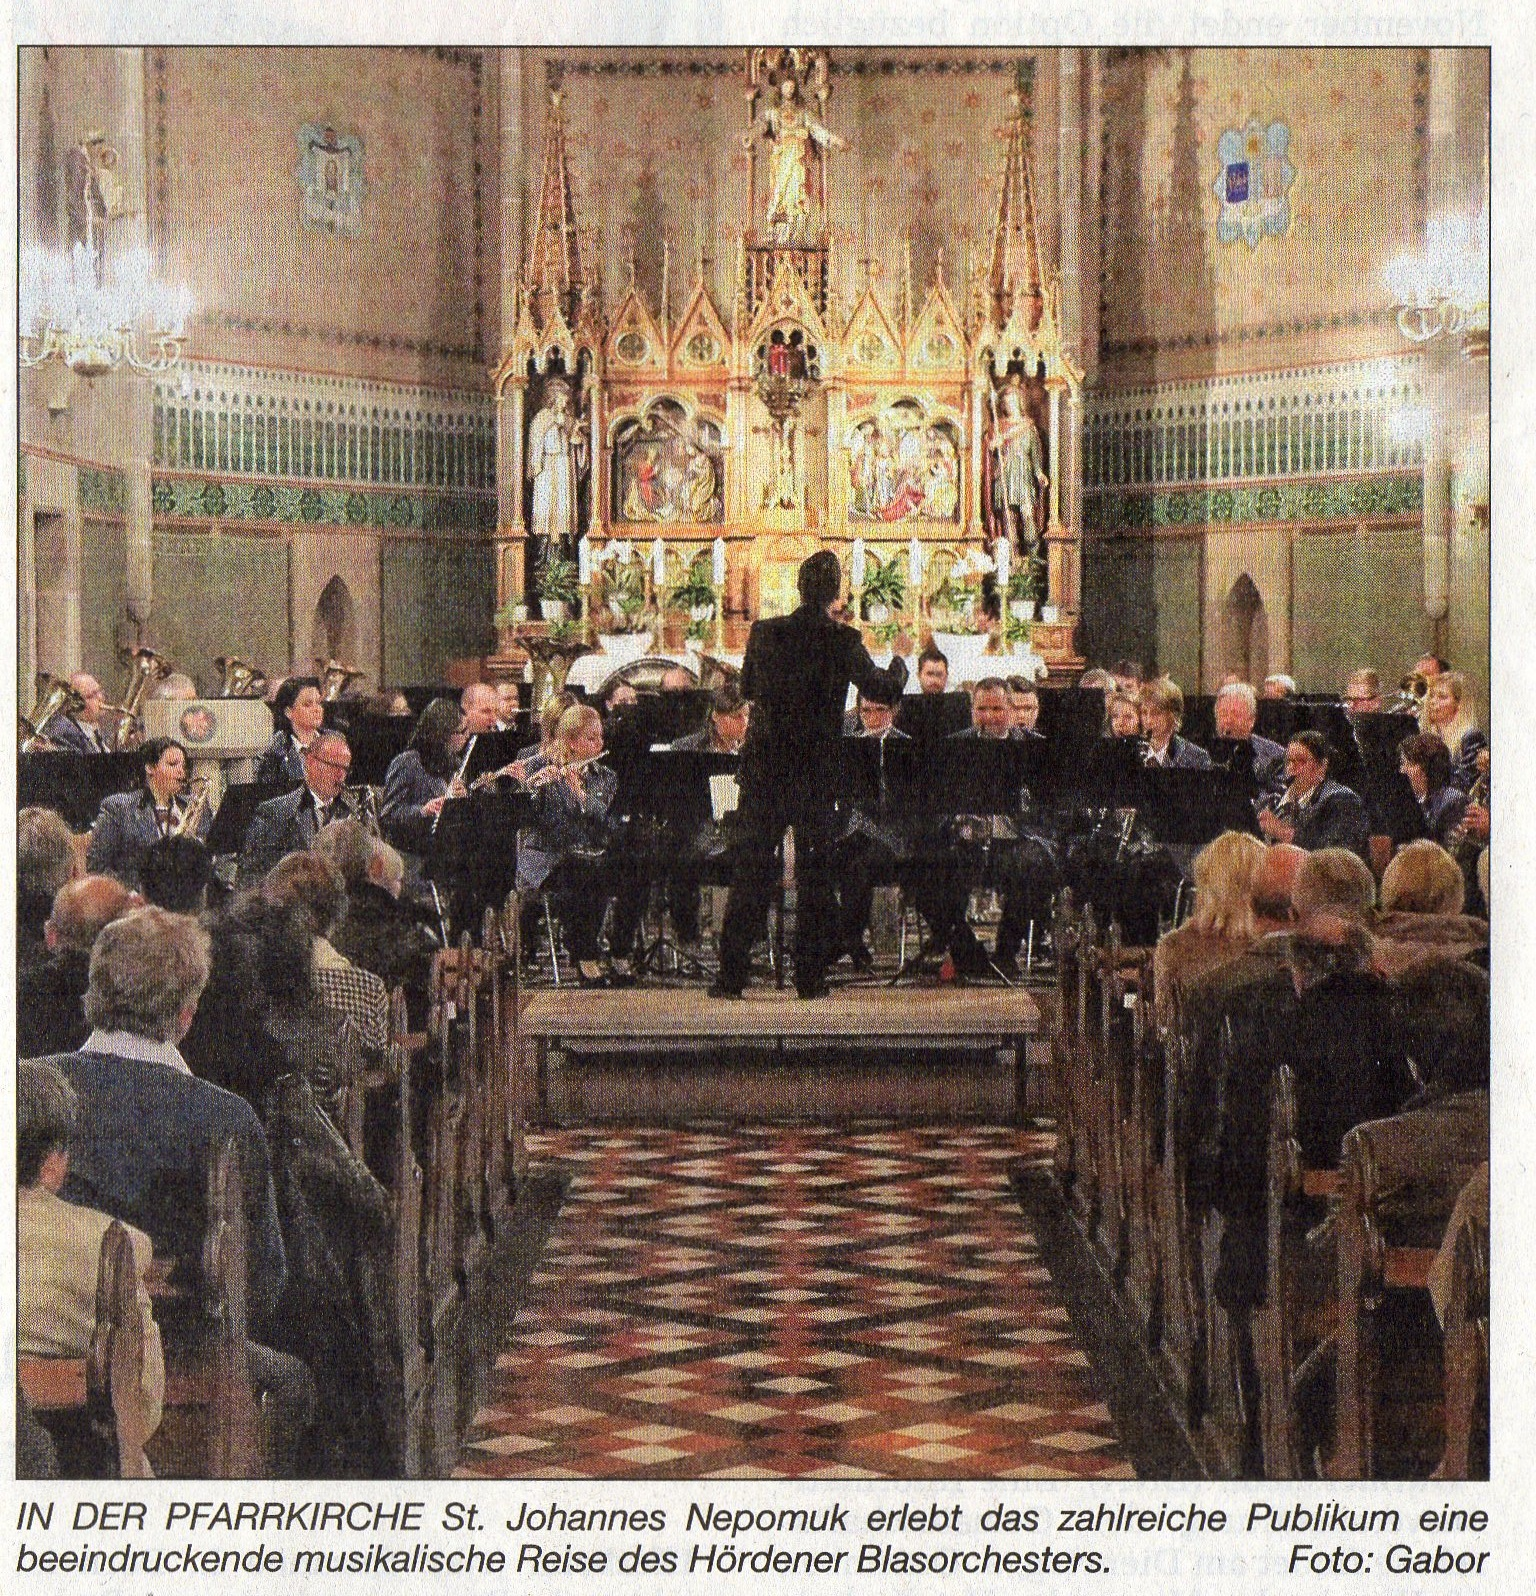 http://musikverein-hoerden.de/wp-content/uploads/2014/12/bnn-bild-25-11-2014.jpg